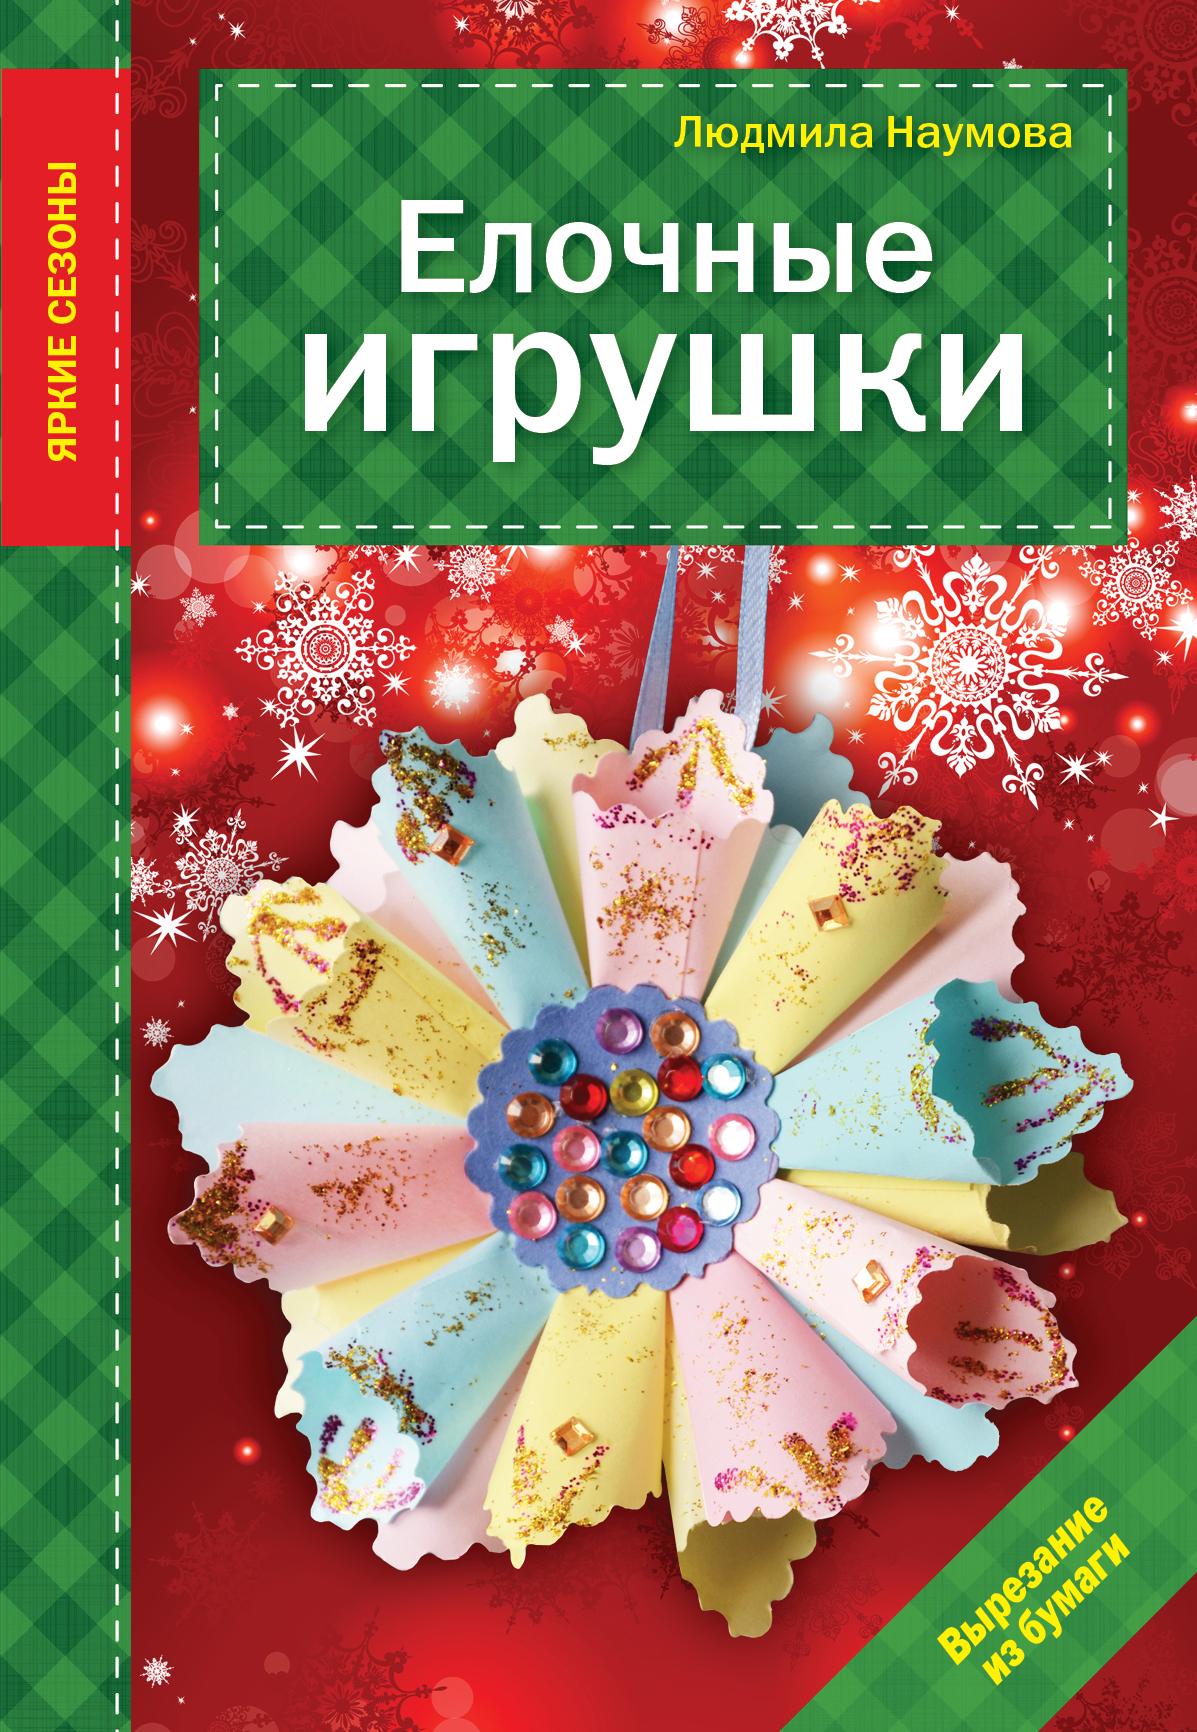 Наумова Л. Елочные игрушки крючки для елочных игрушек в москве